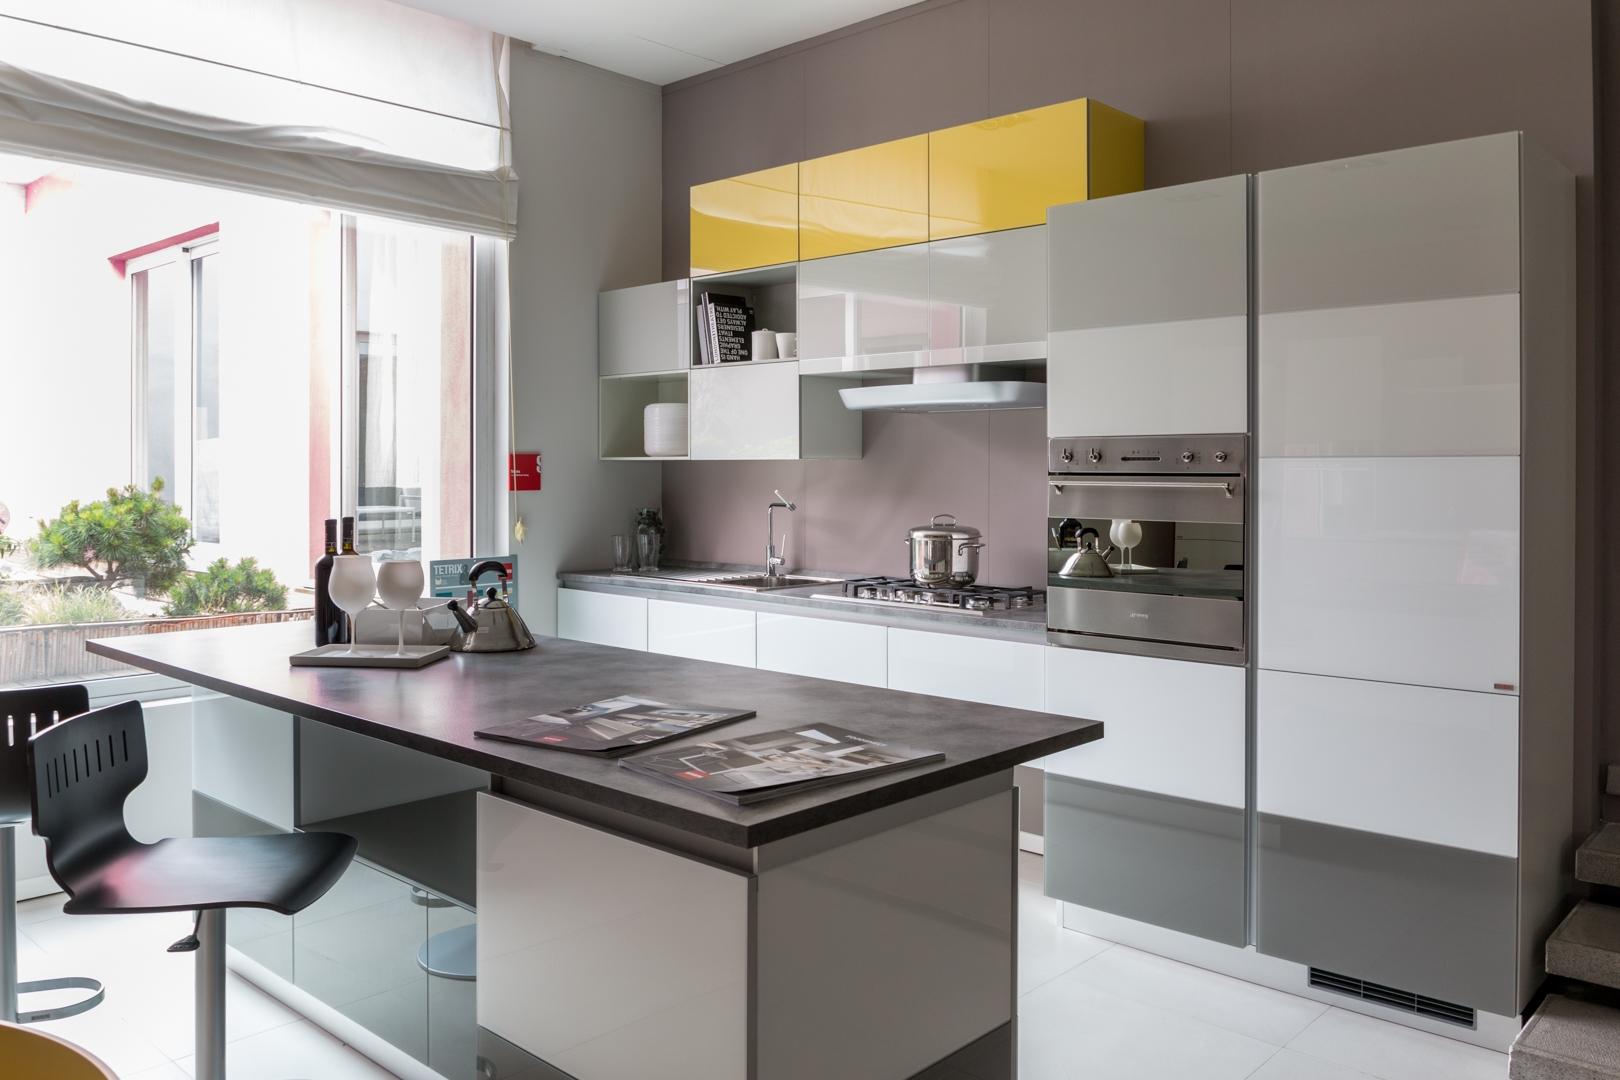 Cucina con isola Scavolini modello Tetrix scontata del 55  Cucine a prezzi scontati